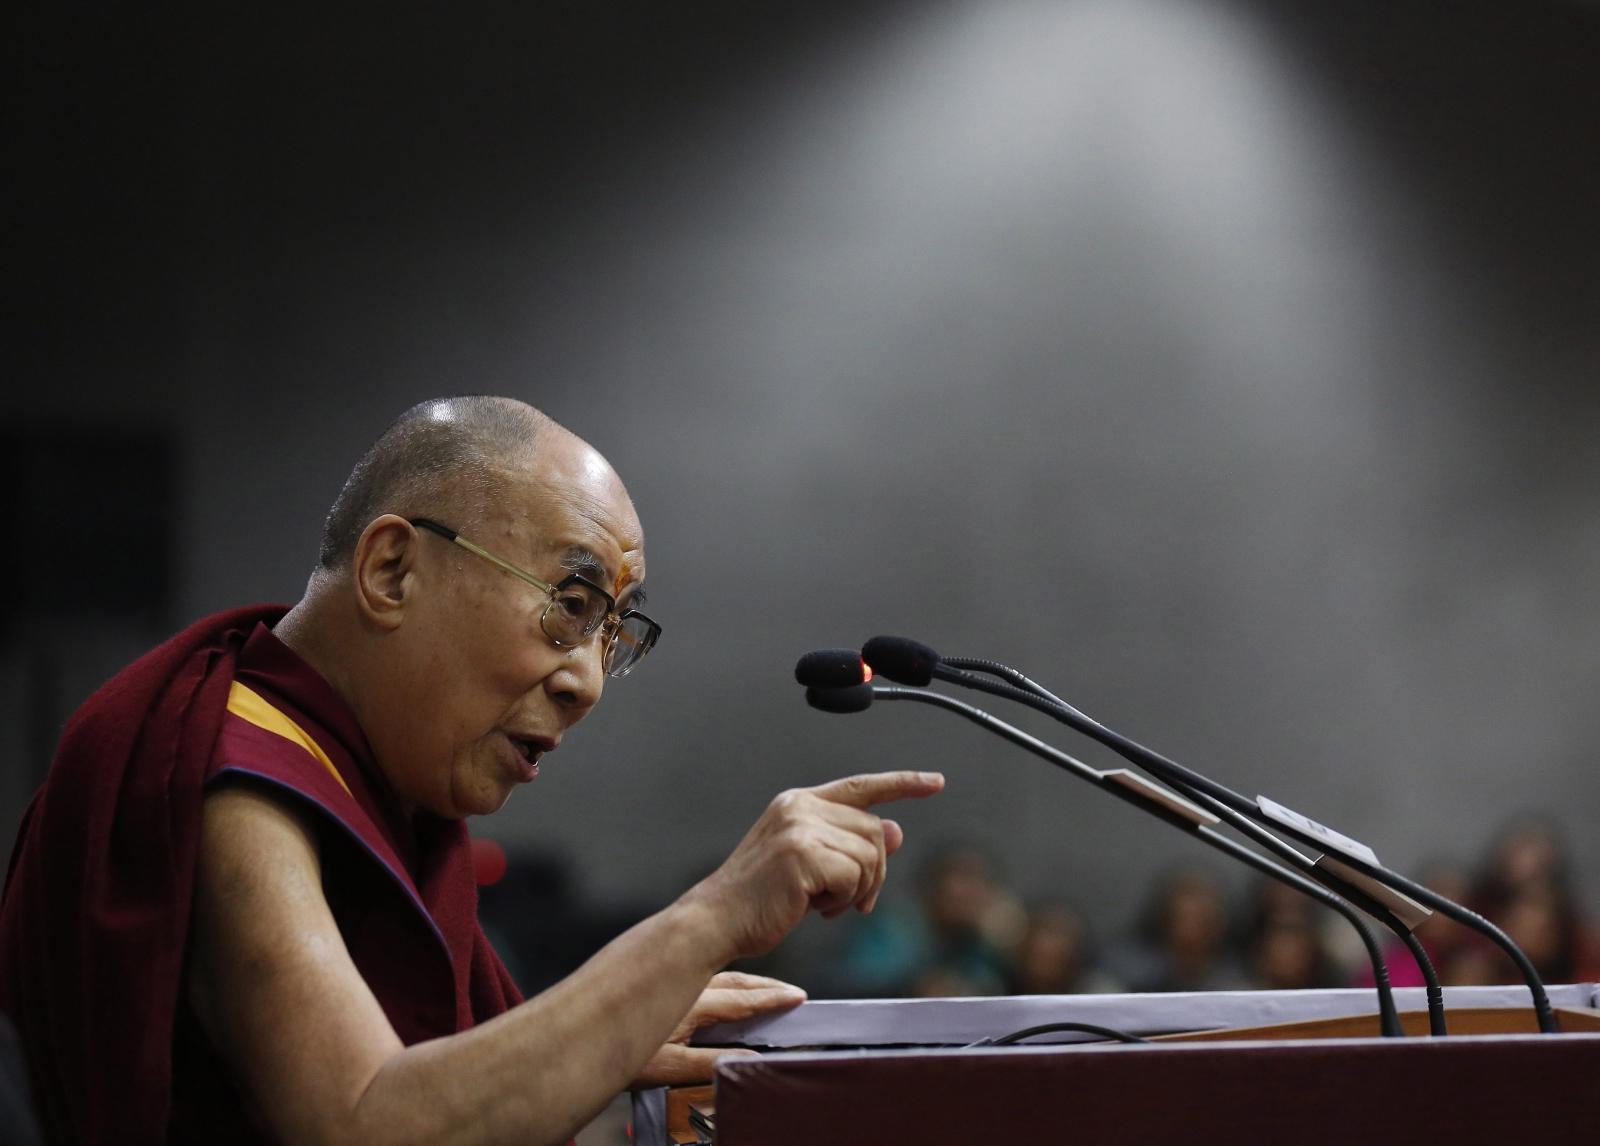 Tybetański lider duchowy, Dalai Lama, przemawiałw New Delhi. Fot. PAP/EPA/RAJAT GUPTA